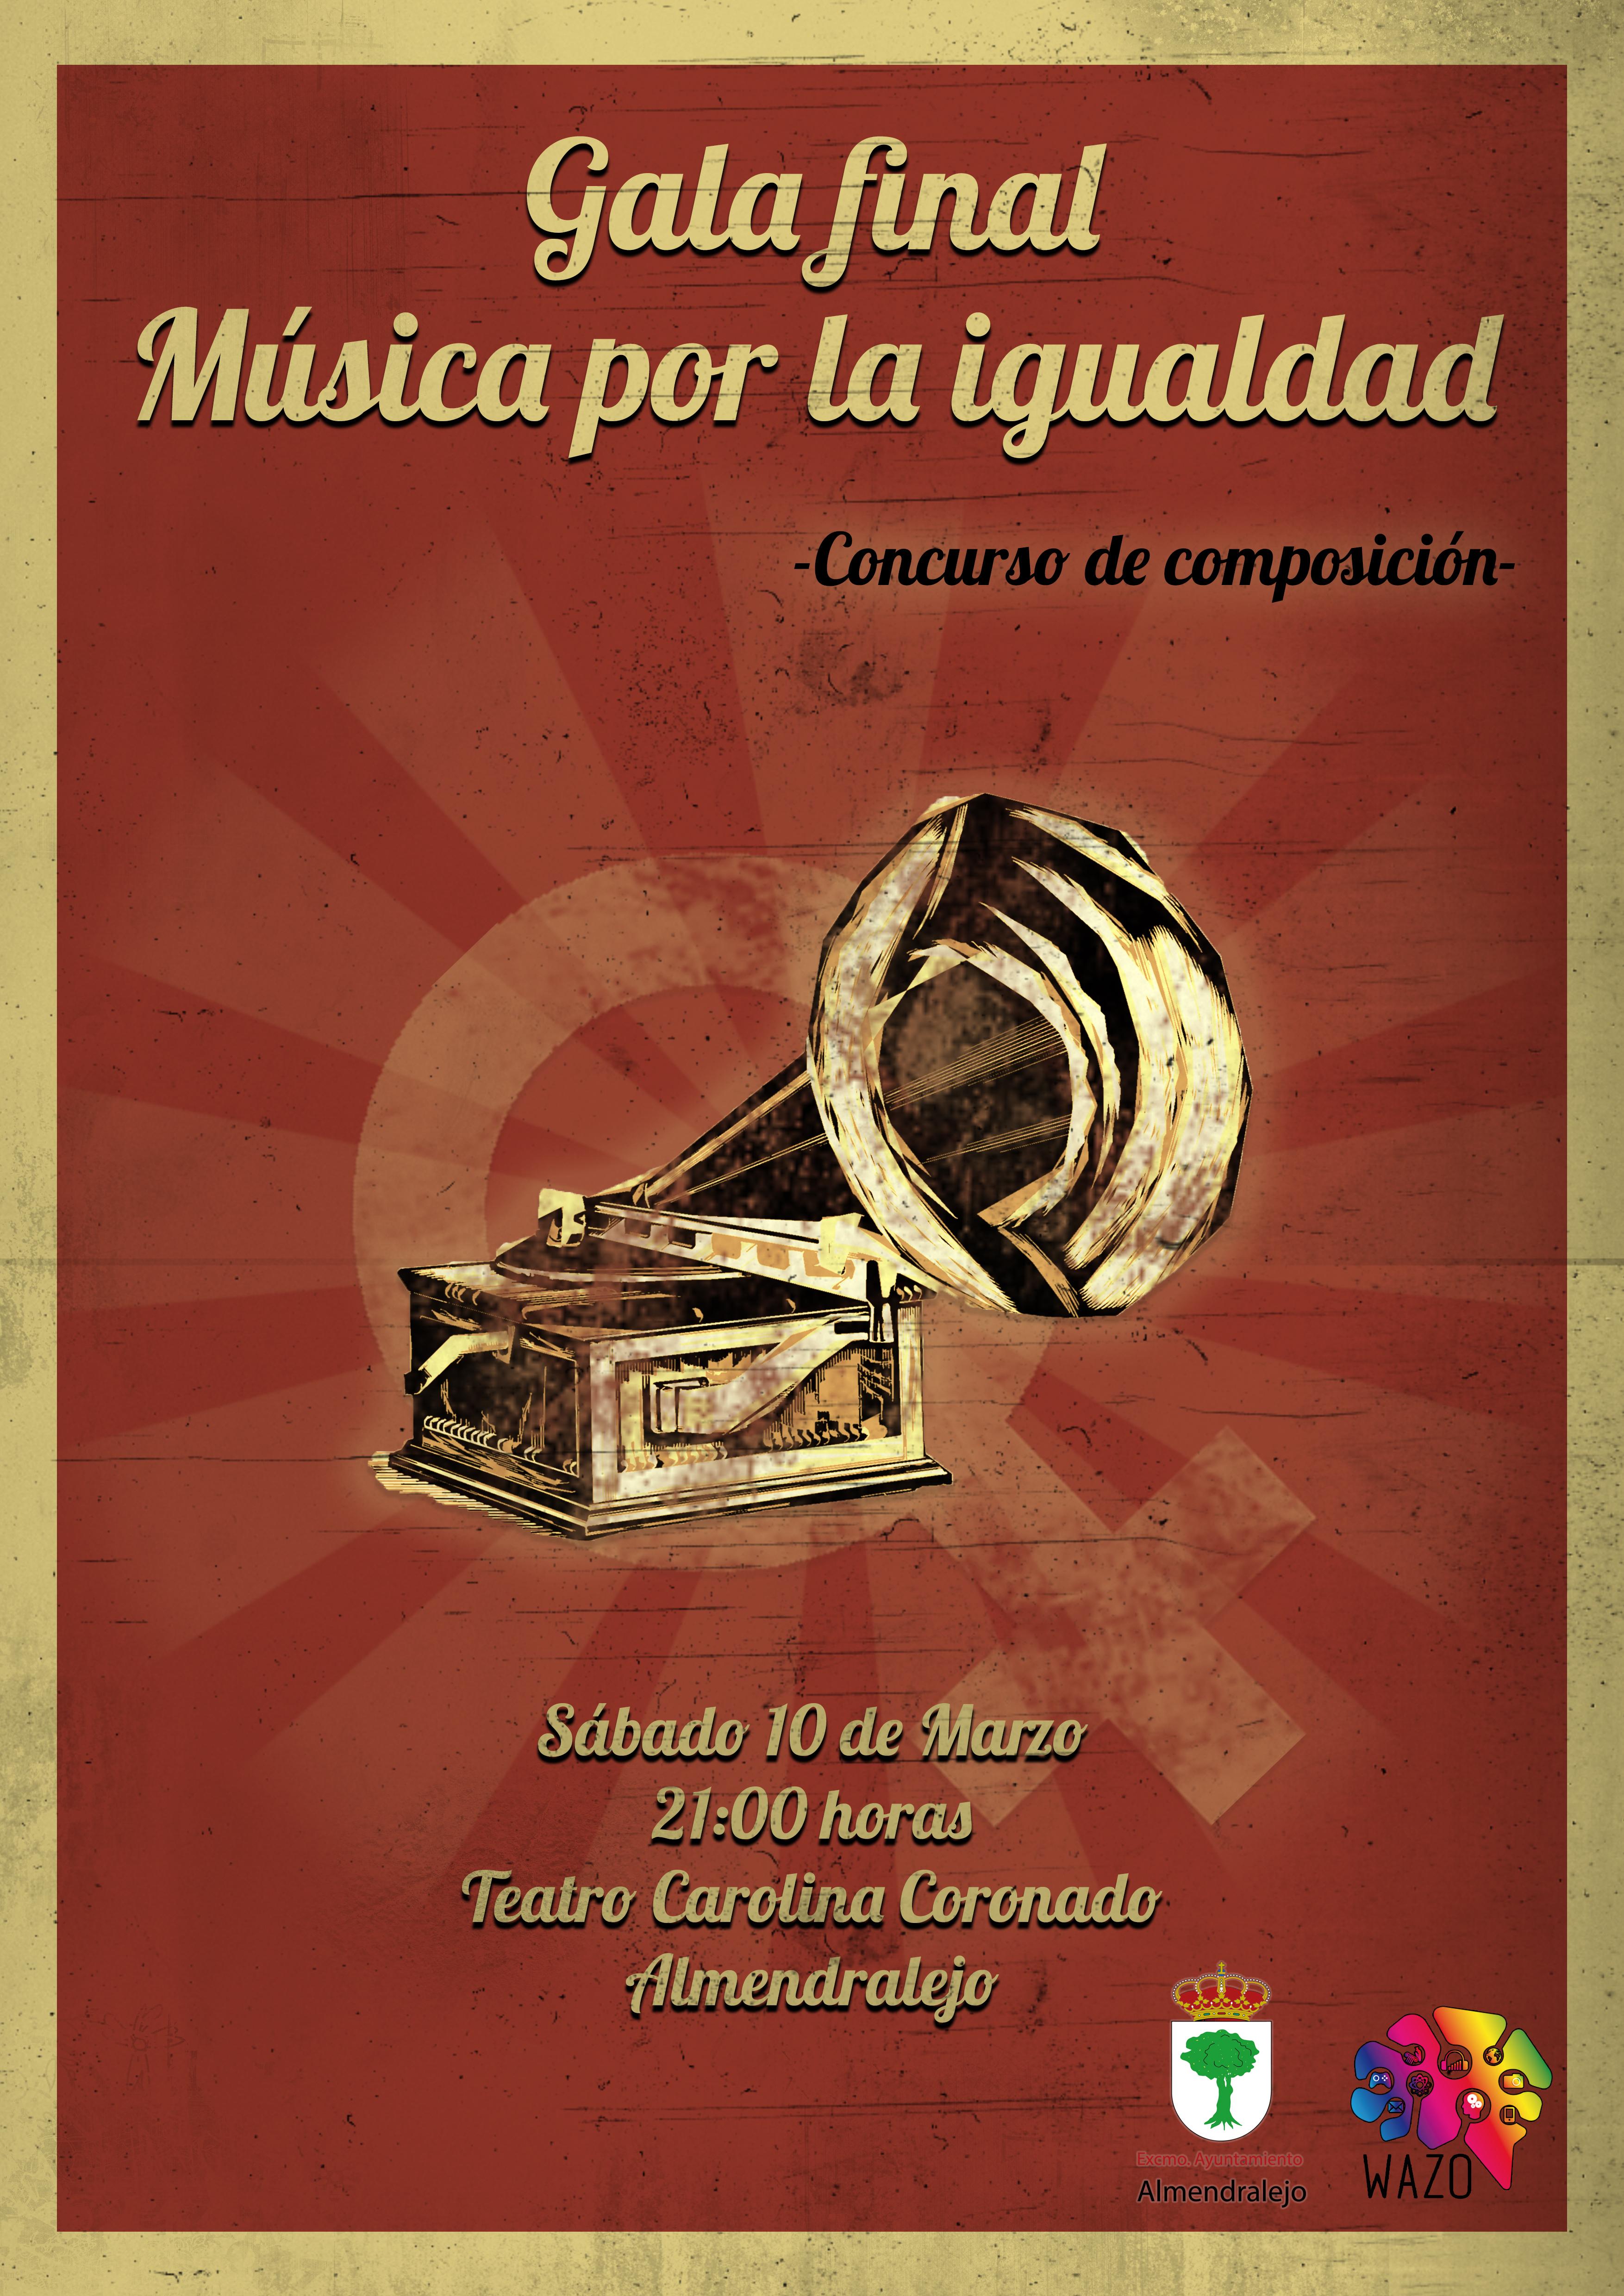 Gala Final del Concurso Música por la Igualdad